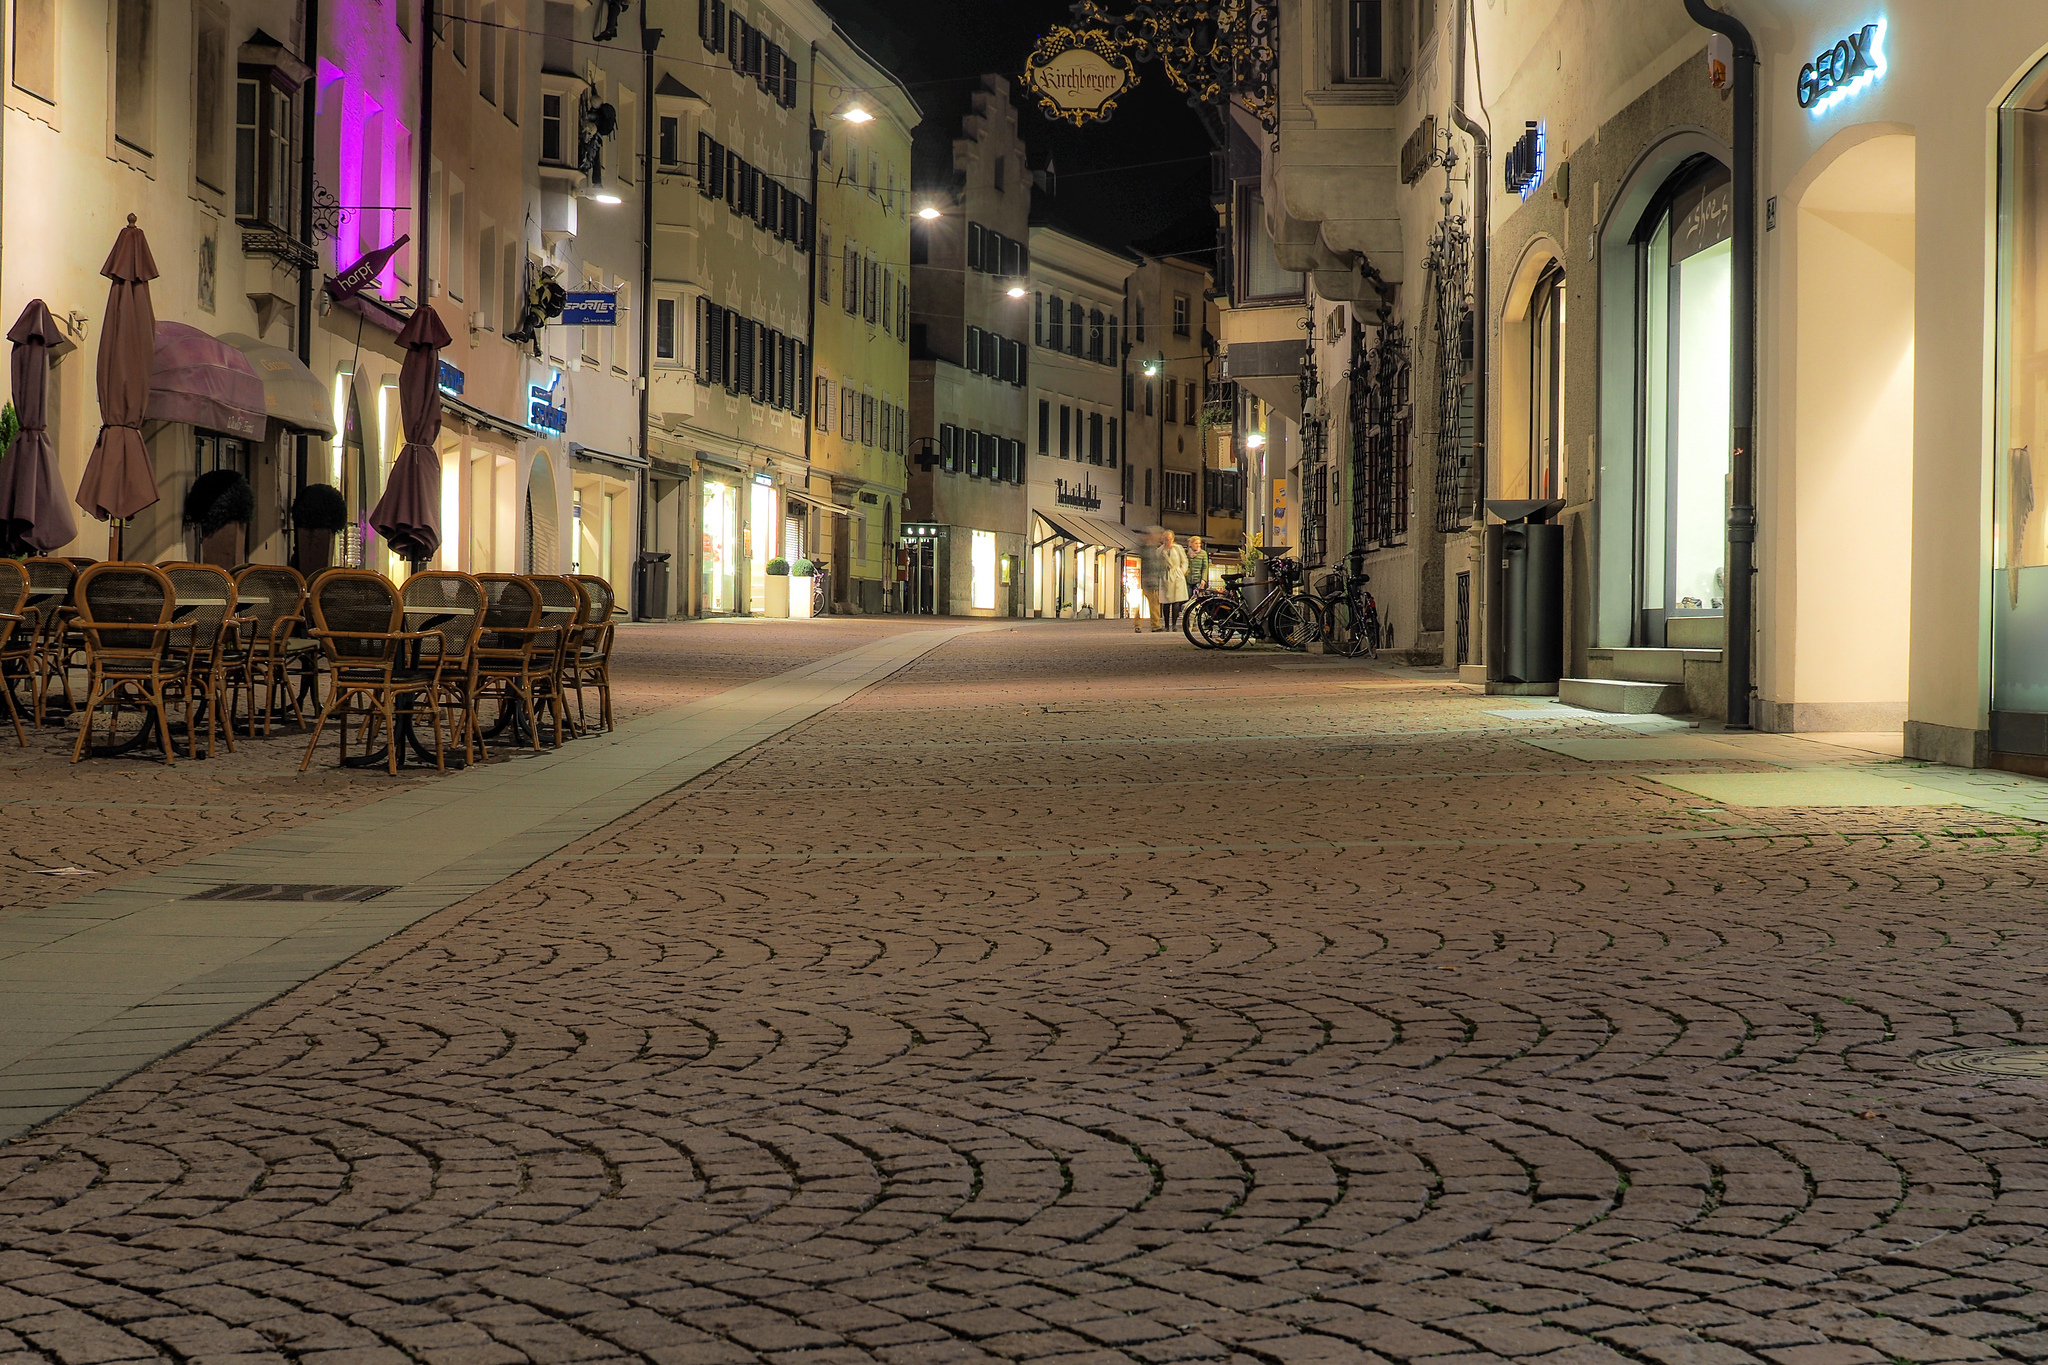 Картинки улиц для фона